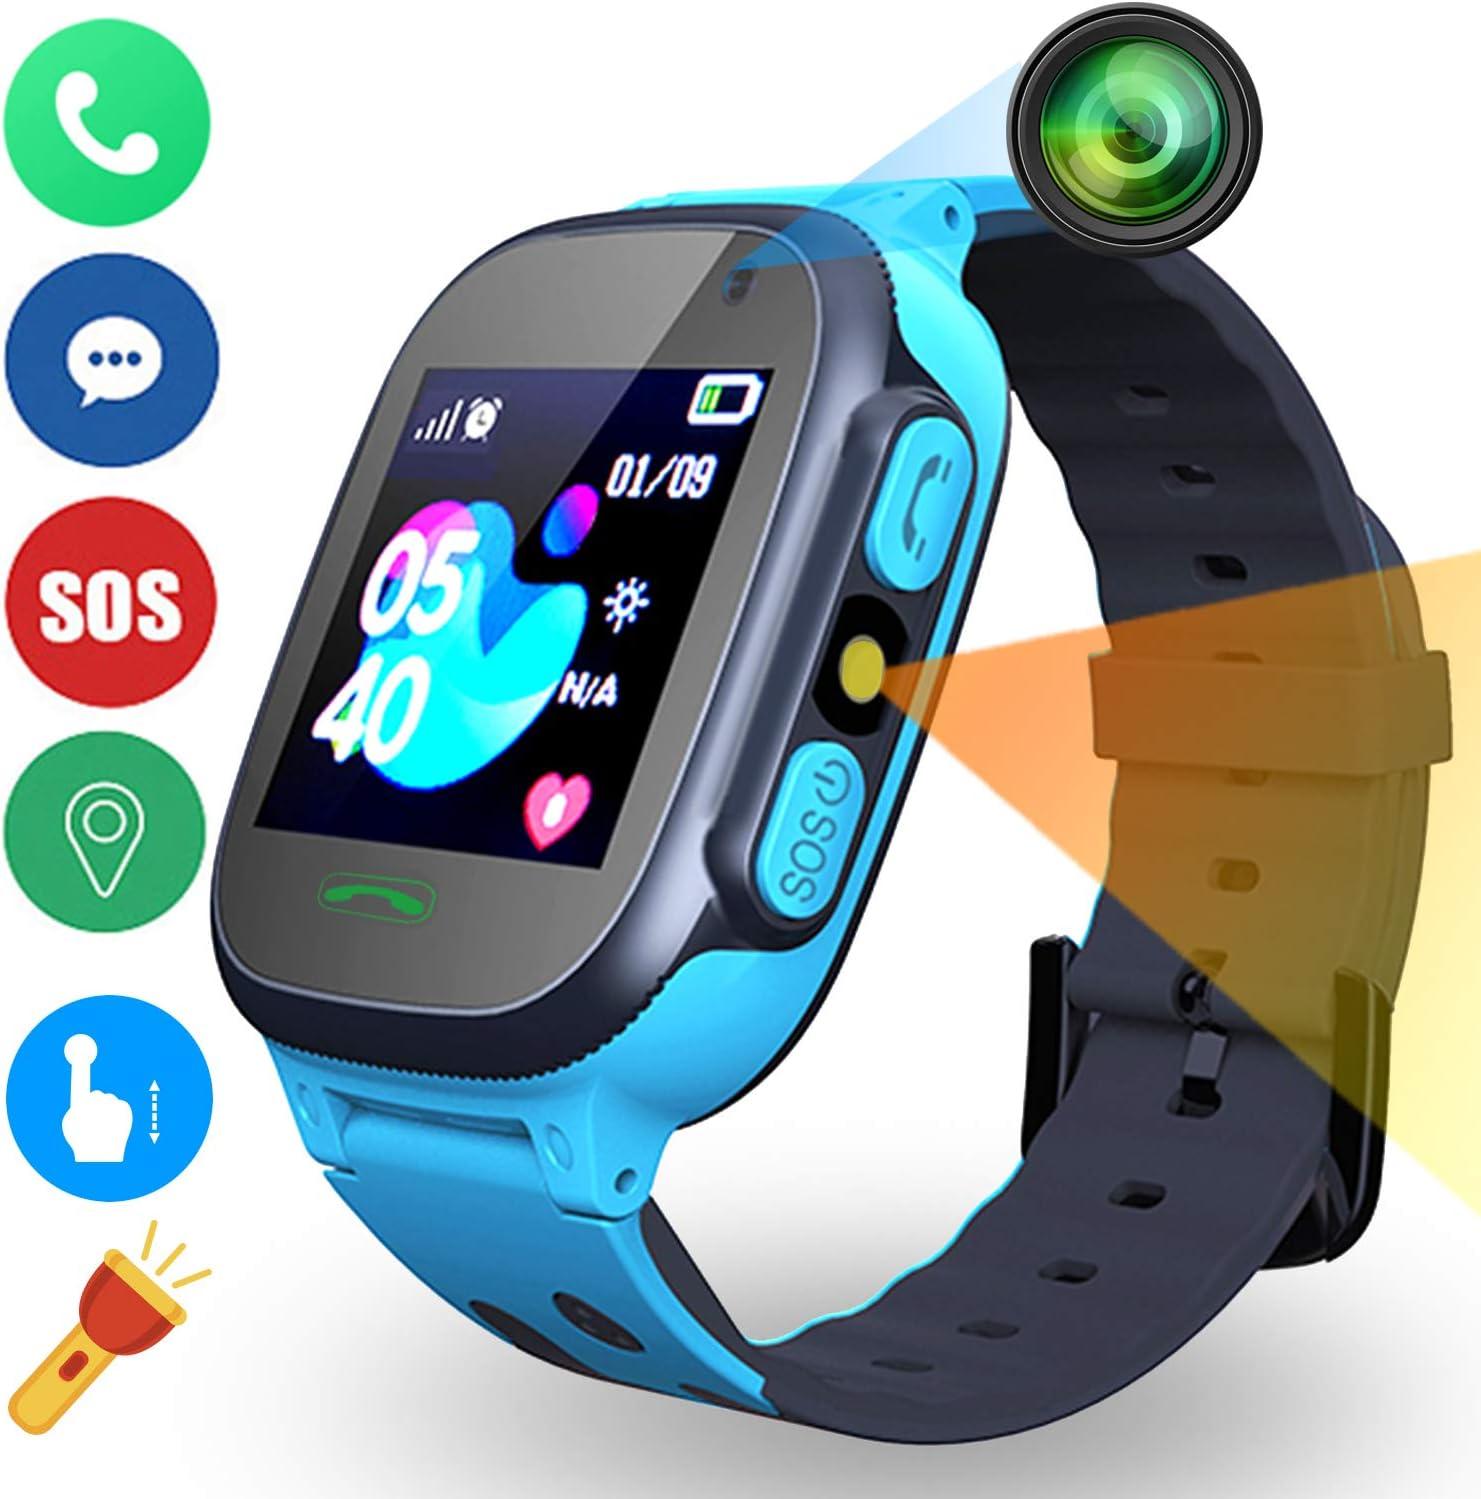 Niños Inteligente Relojes Telefono Estudiante, Relojes Smart Lata Realiza LBS Tracker Posicionamiento SOS Ranura para Tarjeta de Juego Juego de Reloj Inteligente, Regalo Infantil de 3 a 12 Años(Azul)